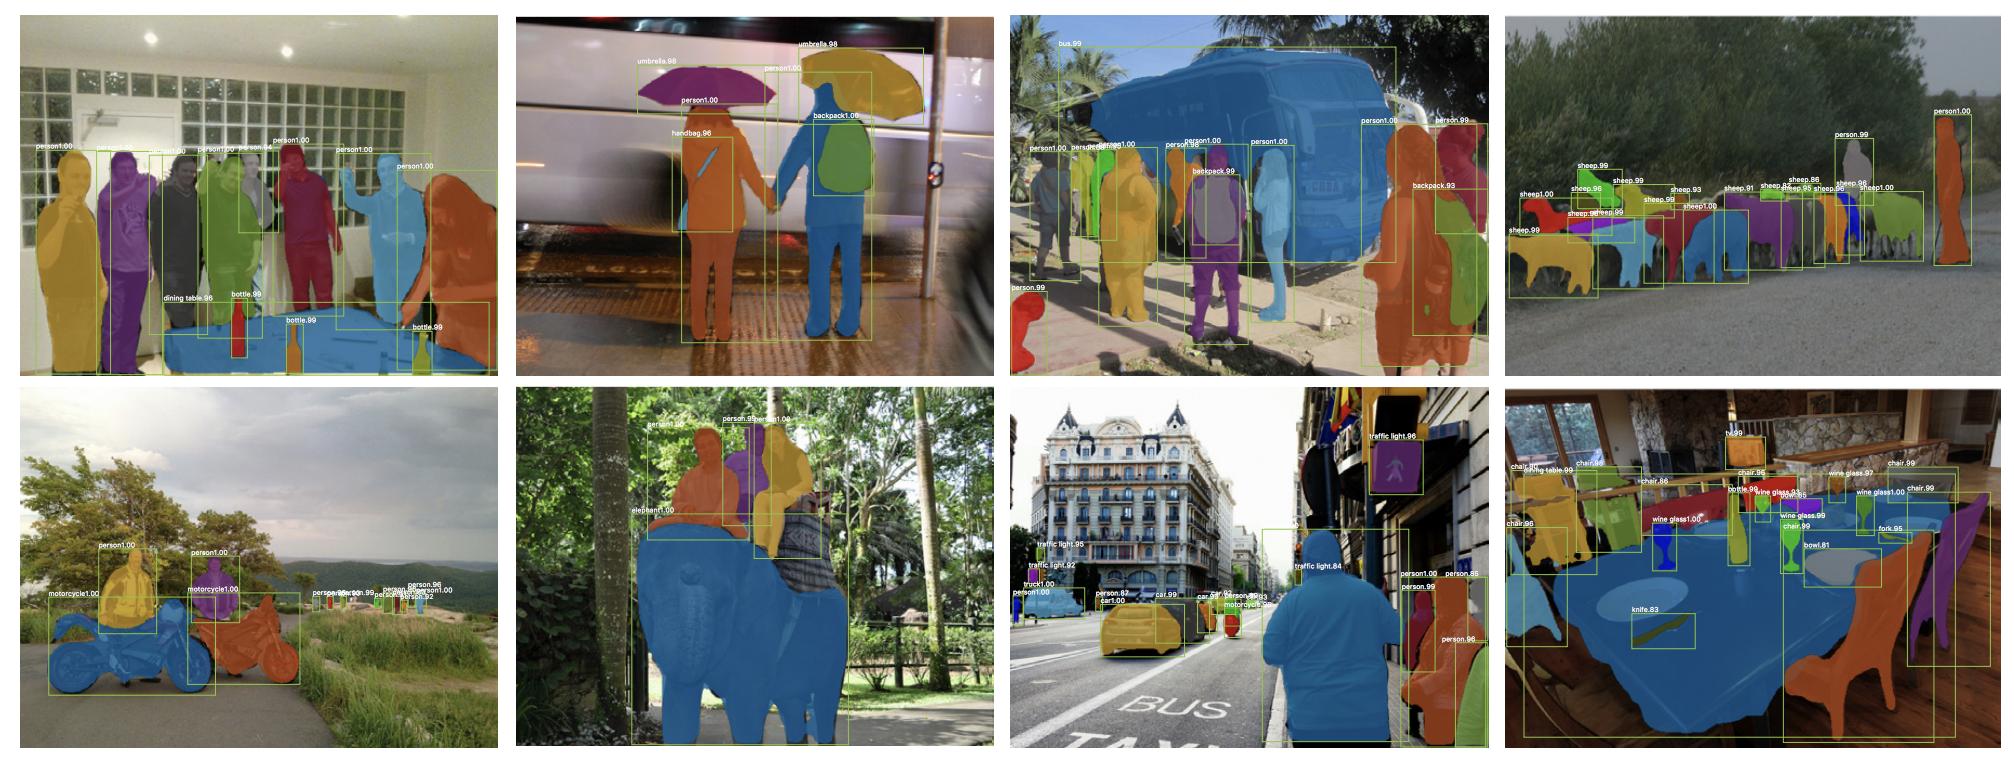 Imagem composta por figuras de pessoas e objetos identificados por cores diferentes.